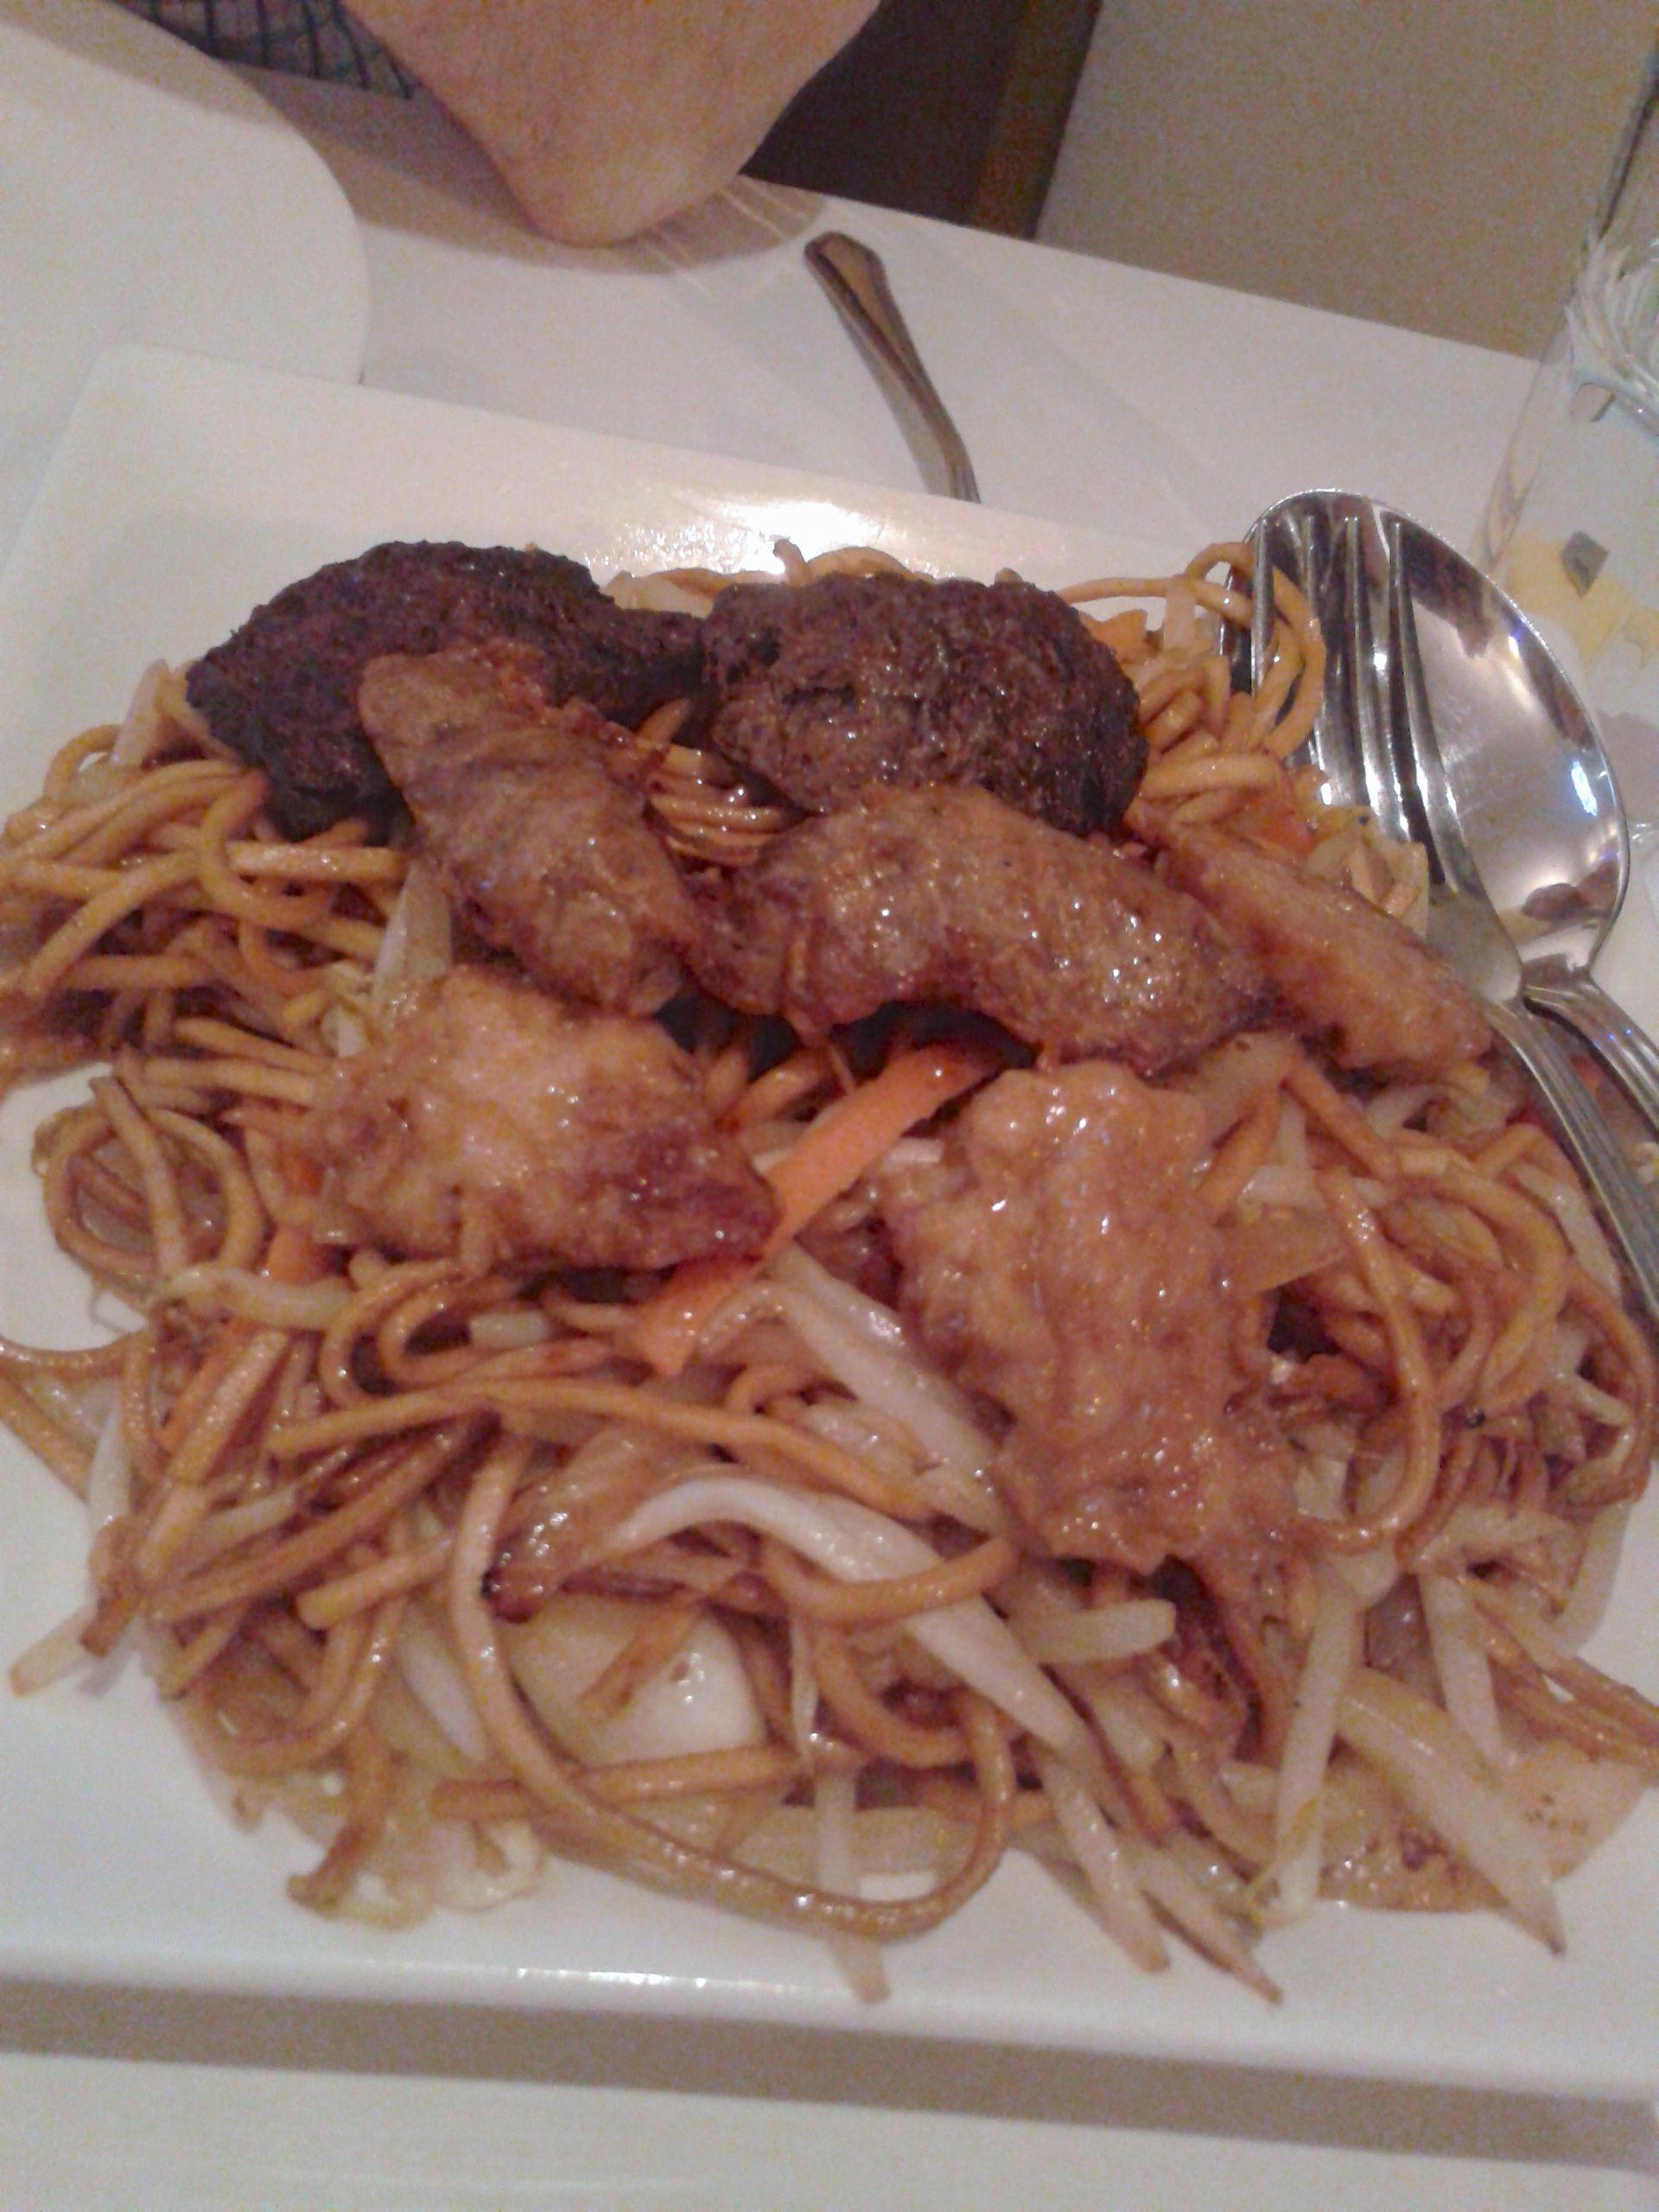 http://fatgayvegan.com/wp-content/uploads/2013/12/noodles.jpg